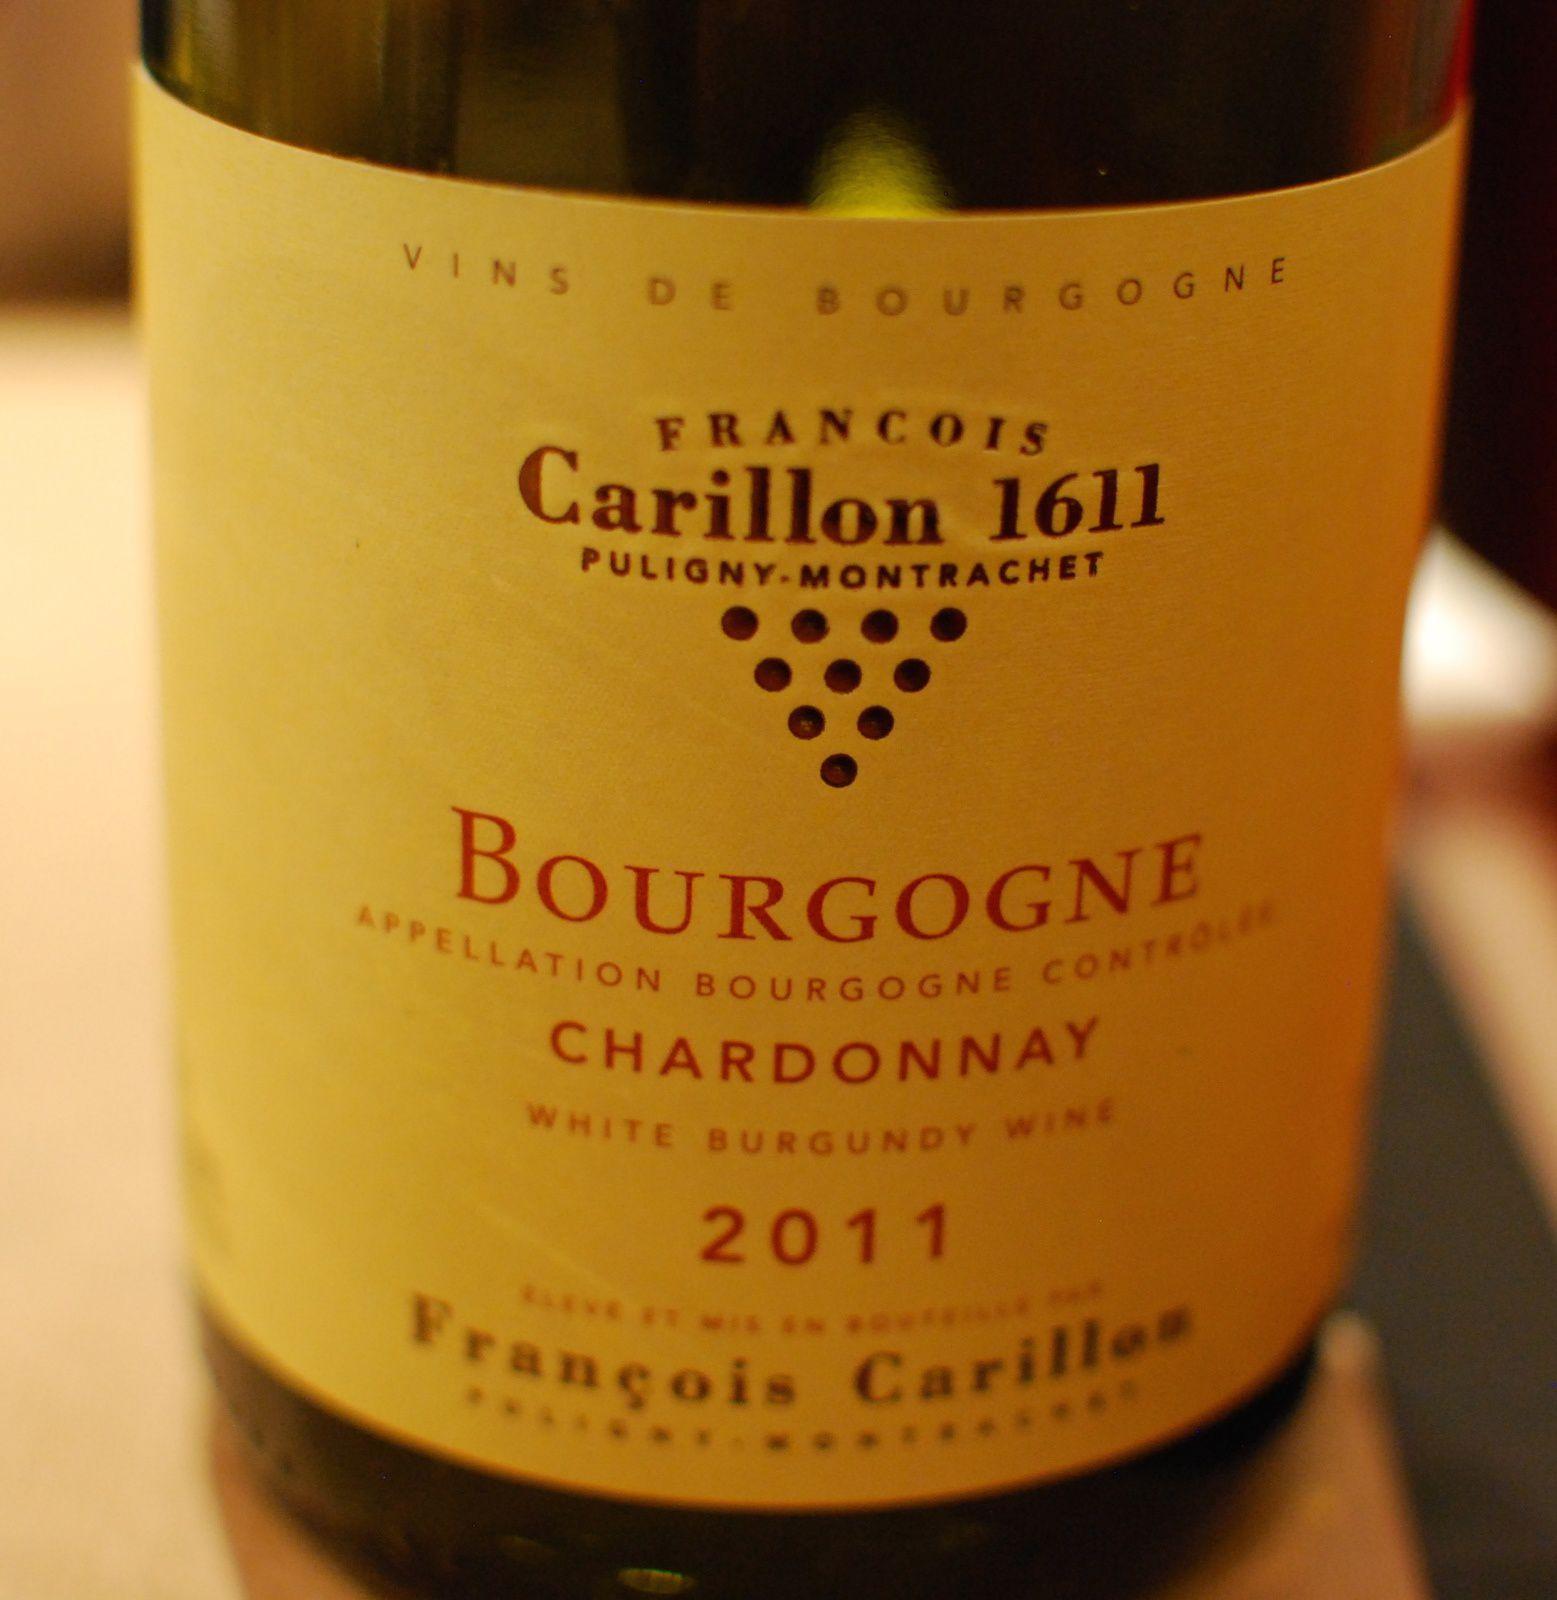 Bourgogne - Chardonnay 2011 - François Carillon